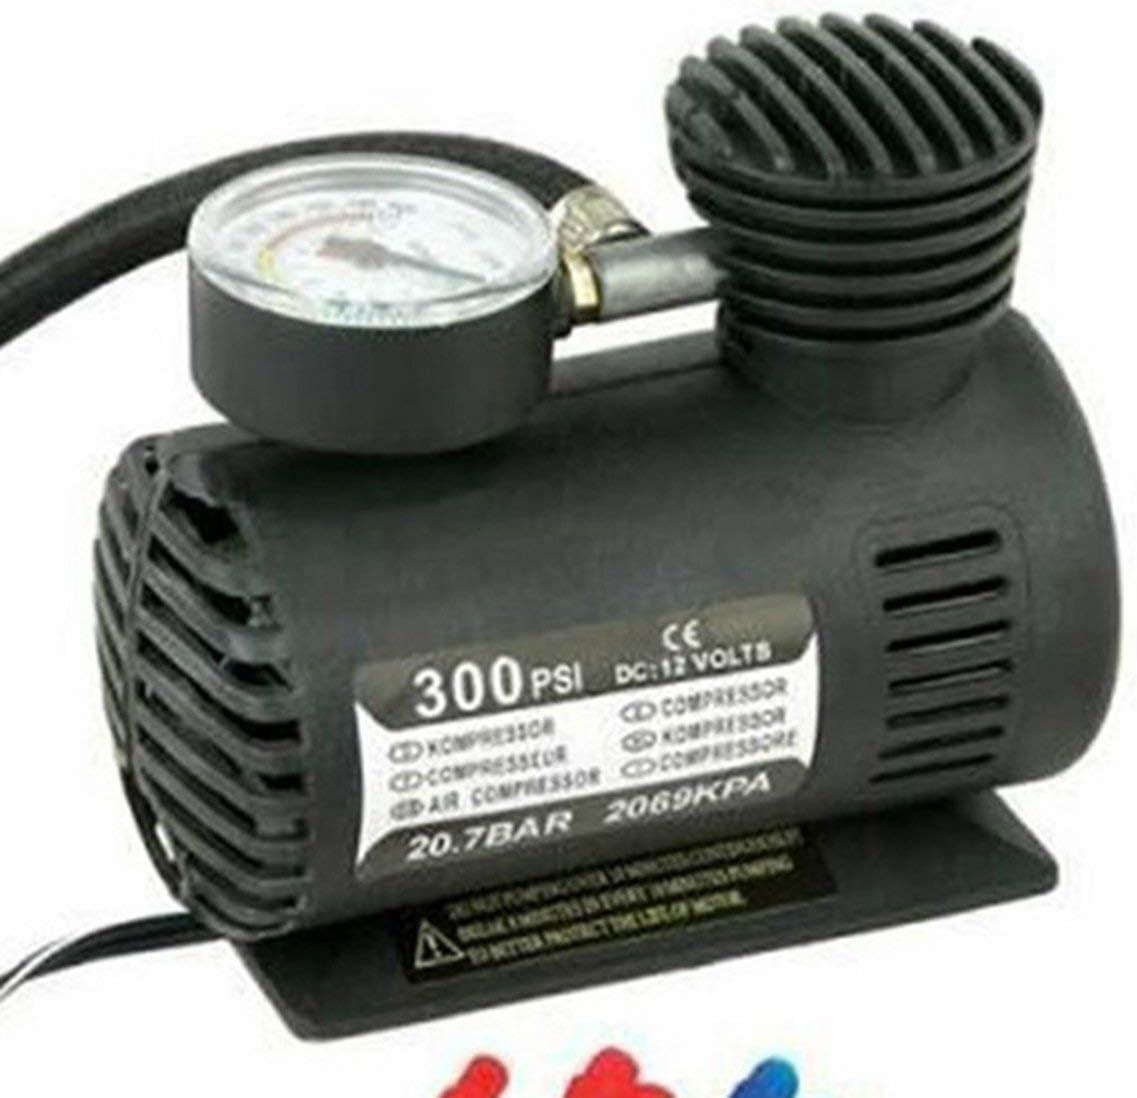 Lorenlli Quick Flow Compact Air Compressor,12v Car Electric Mini Compact Compressor Pump Bike Tyre Air Inflator 300psi